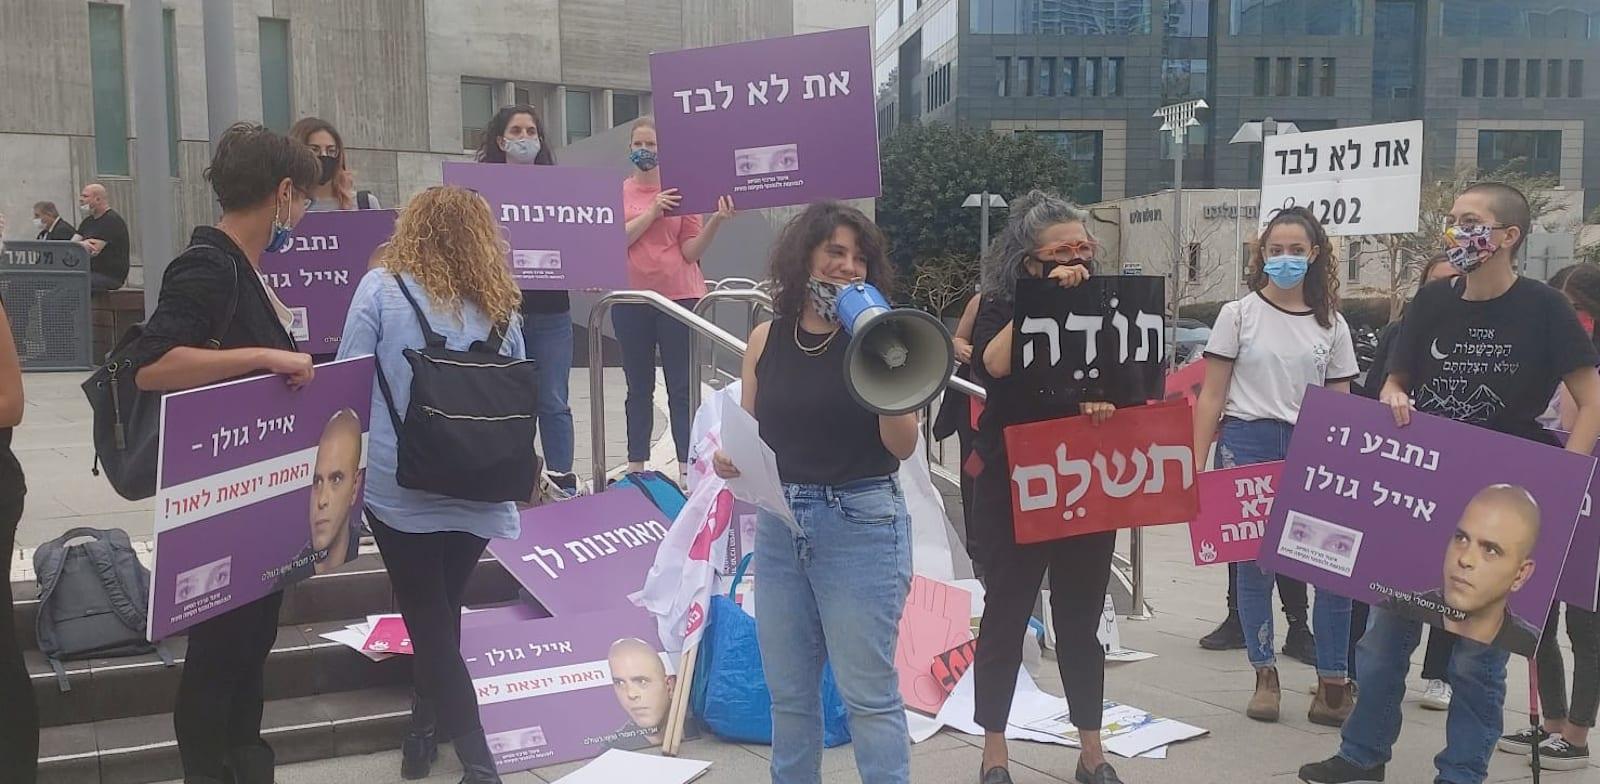 """הפגנת הזדהות עם המתלוננות שתובעות את אייל גולן והמשטרה מחוץ לביהמ""""ש המחוזי בתל אביב, רגע לפני הדיון בתביעה / צילום: חן מענית"""